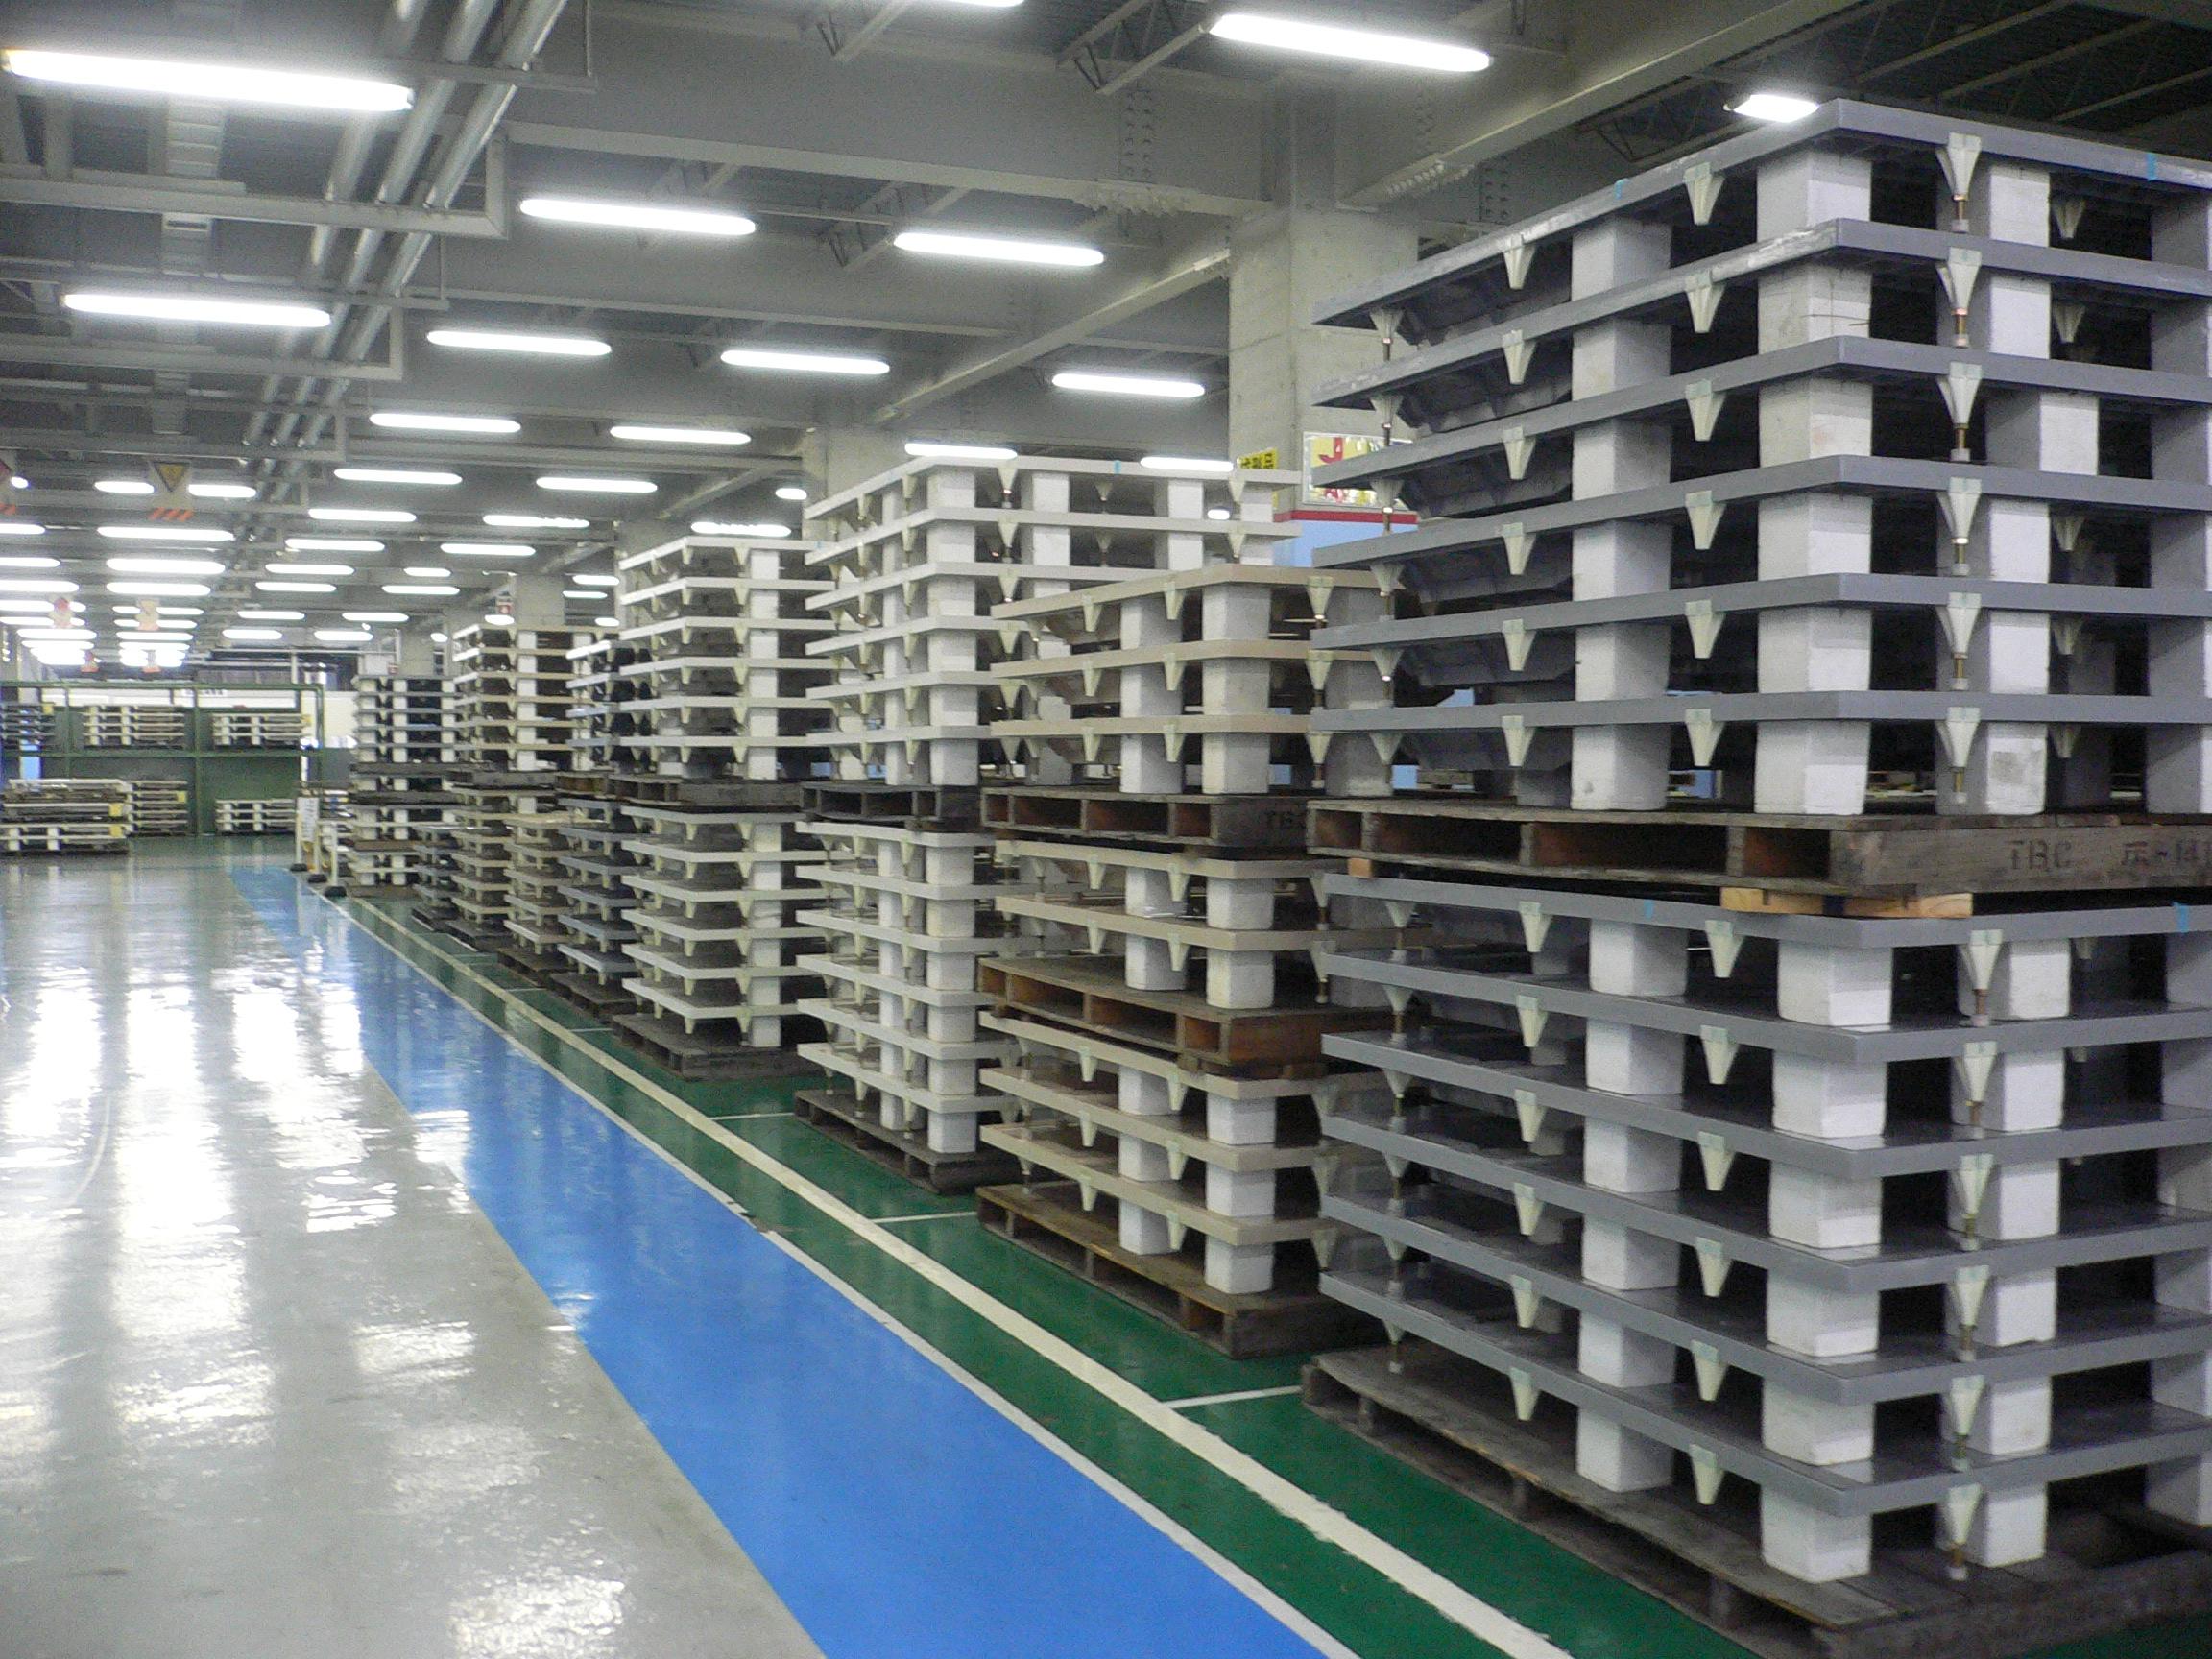 工場 TOTOさんのシステムキッチン、システムバス 共に工場は千葉県なのです... ≪地域密着二